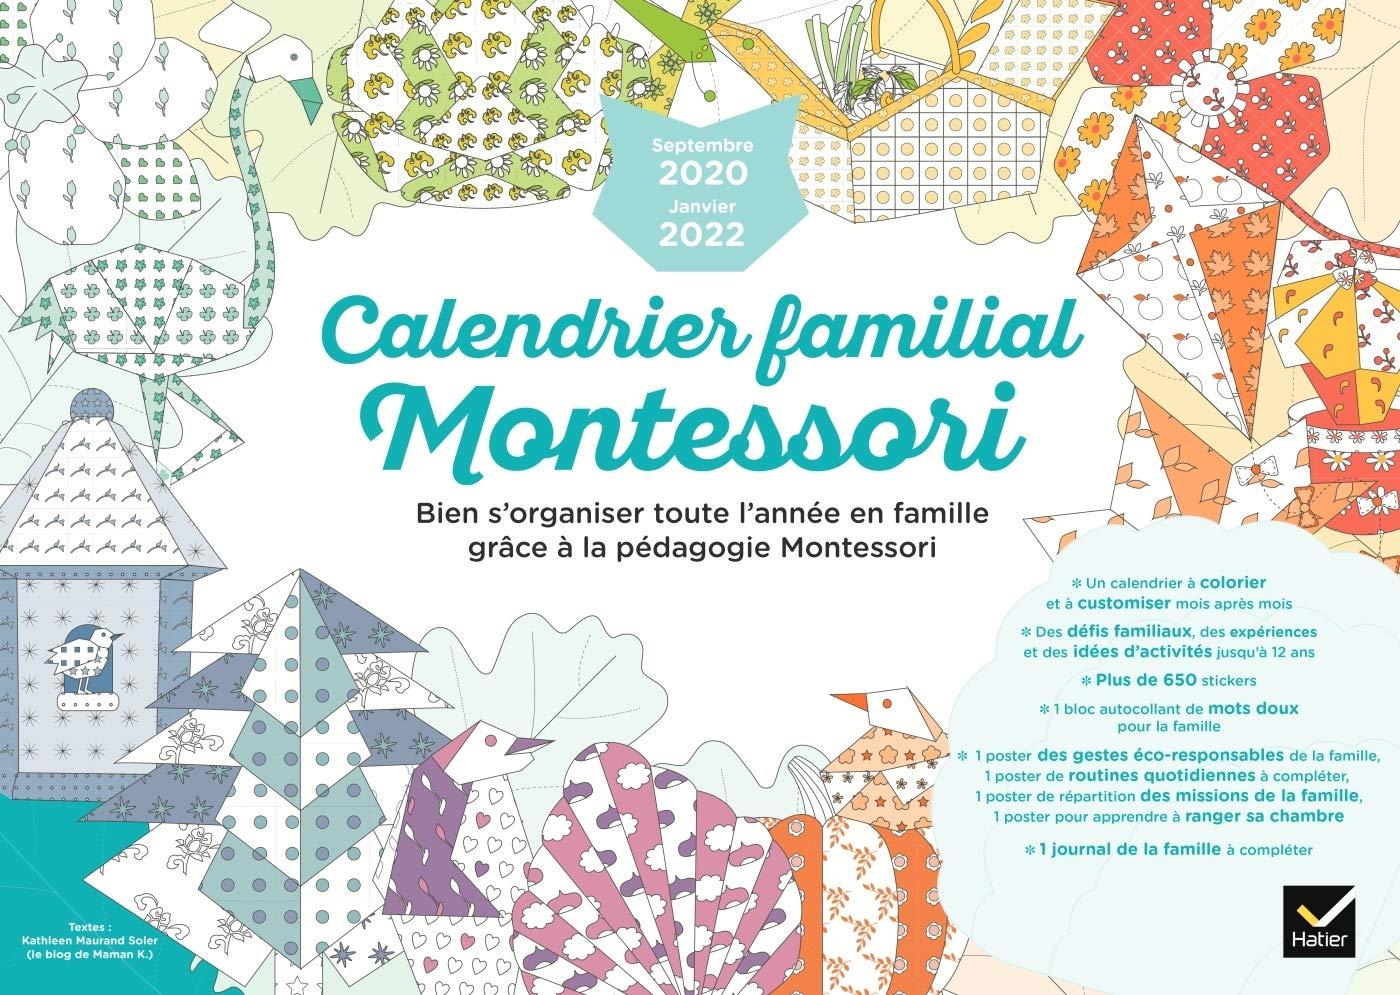 Calendrier Montessori 2022 Calendrier familial Montessori septembre 2020 à janvier 2022 (Vie